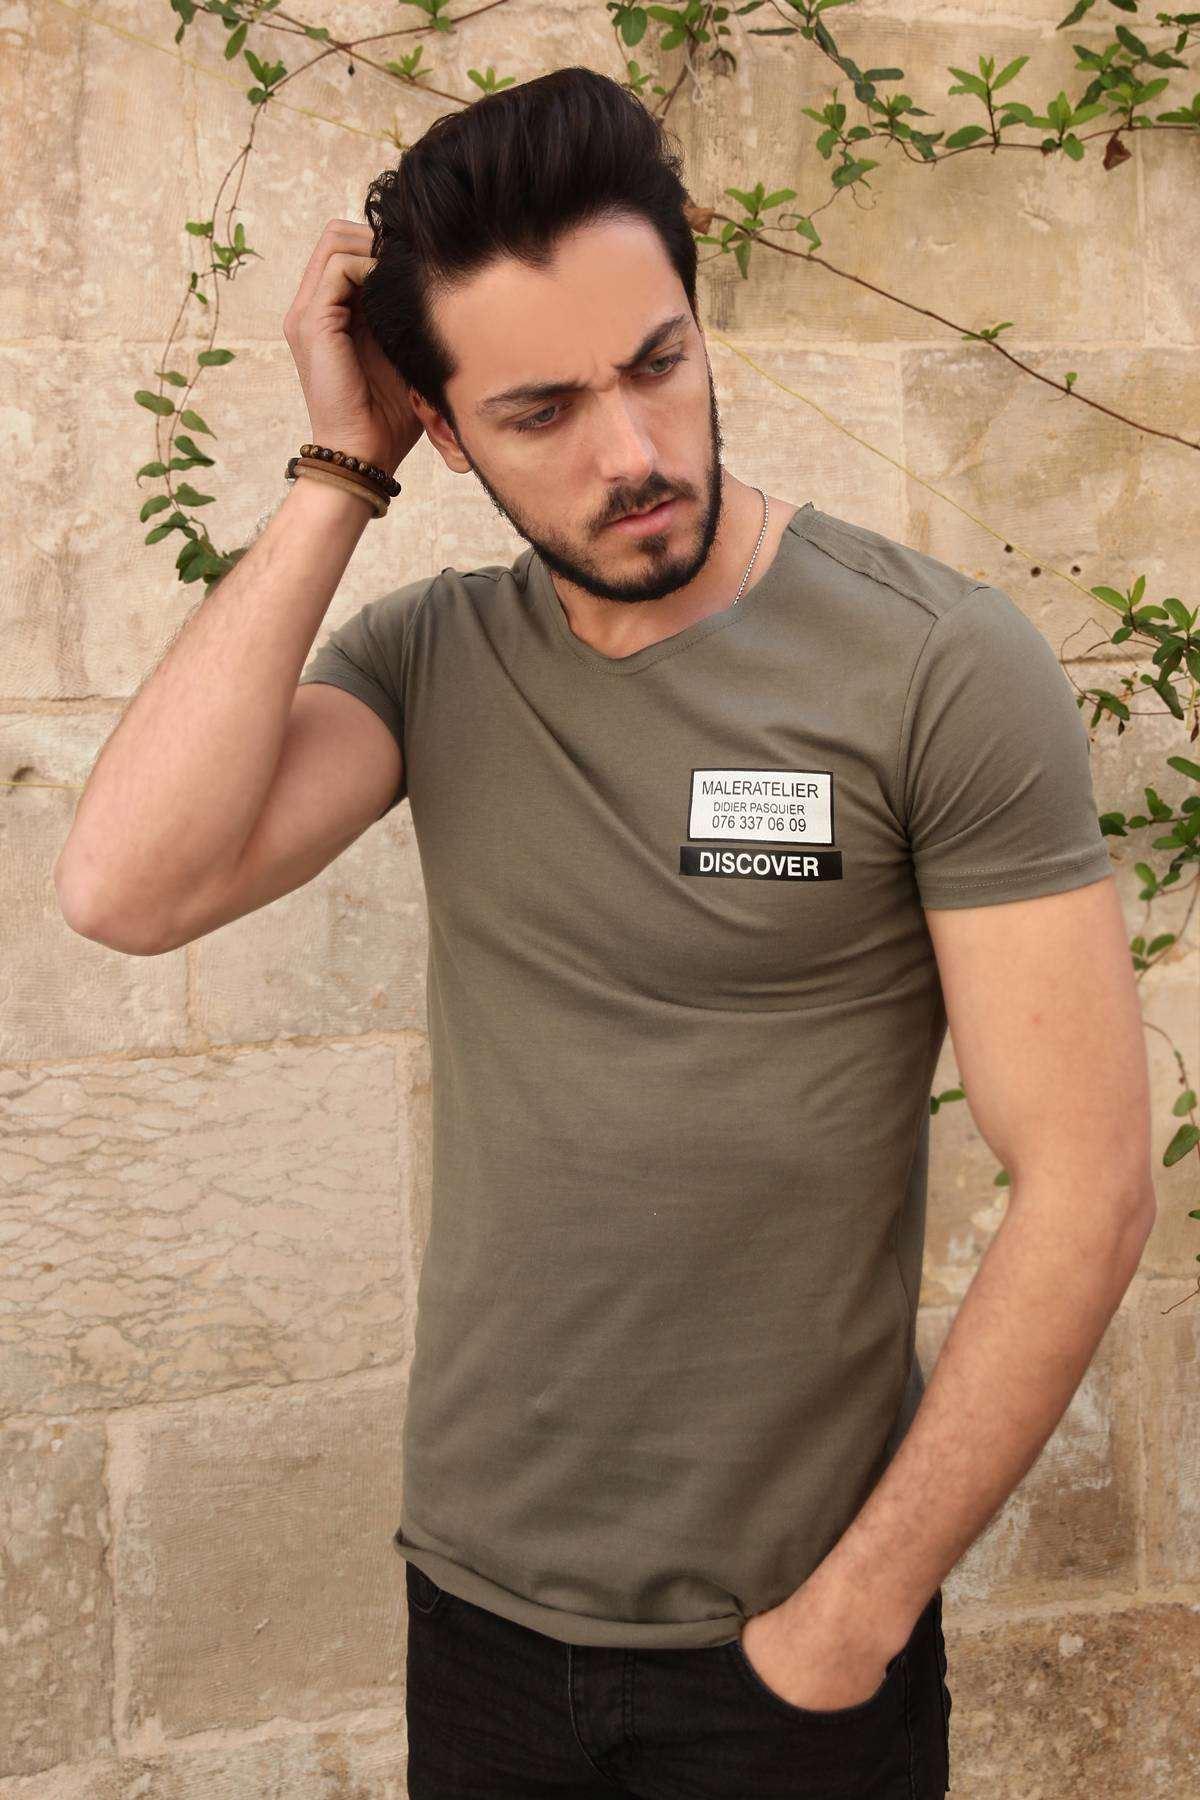 Sırtı File Şeritli Göğüs Dıscover Yazılı Slim Fit Tişört Haki